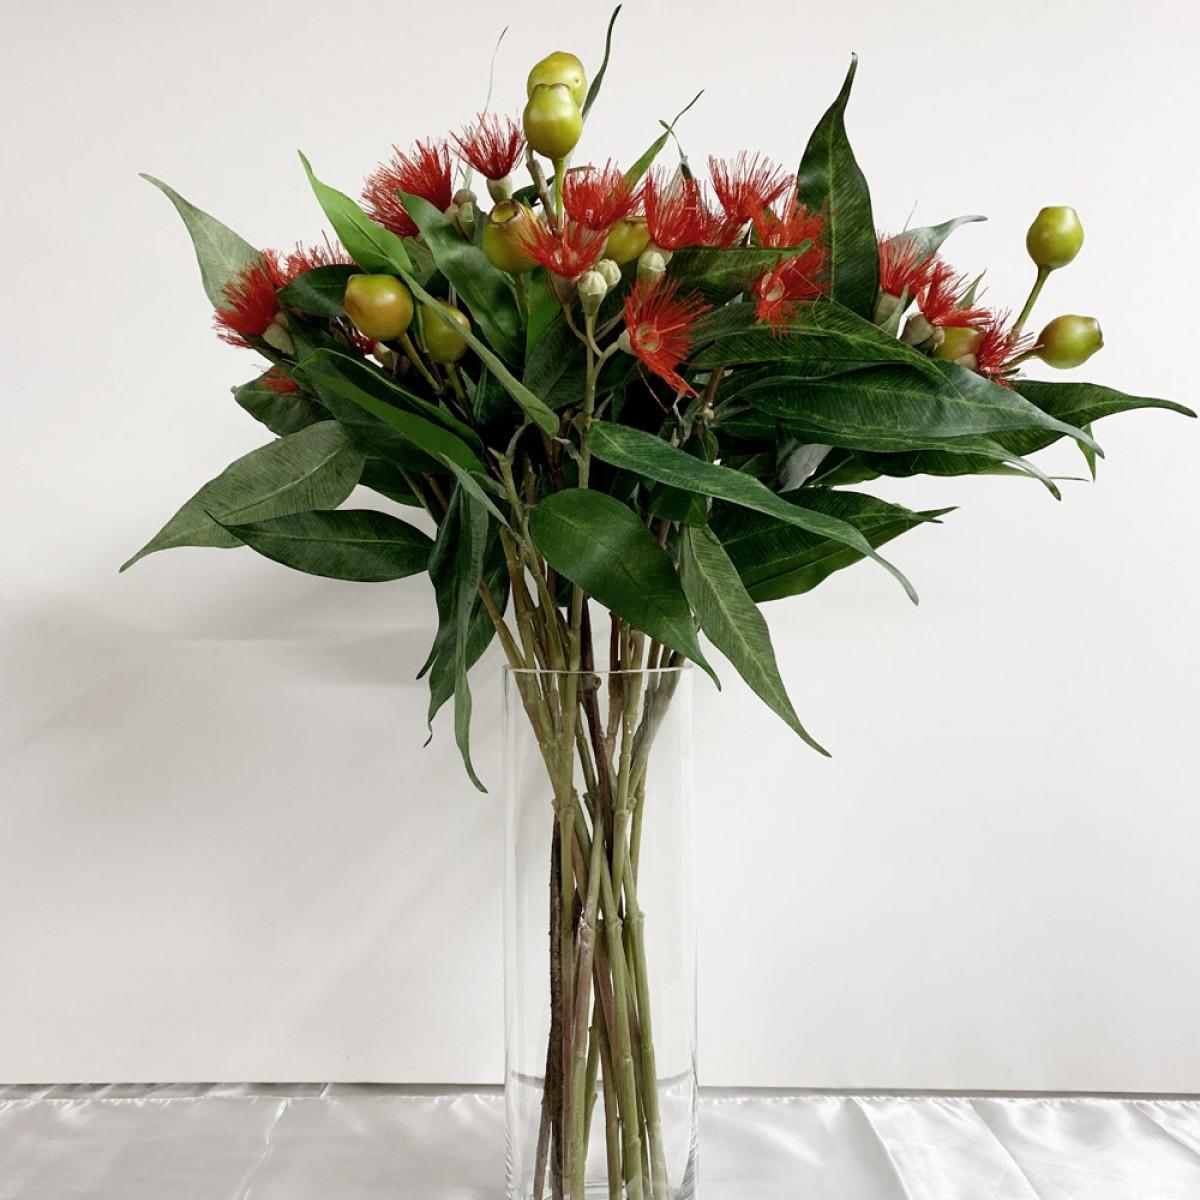 Australian Native Arrangement Artificial Trees And Flowers Wholesale Melbourne Ribbons Vases Florist Supplies Sydney Melbourne Brisbane Nicholsonimports Com Au